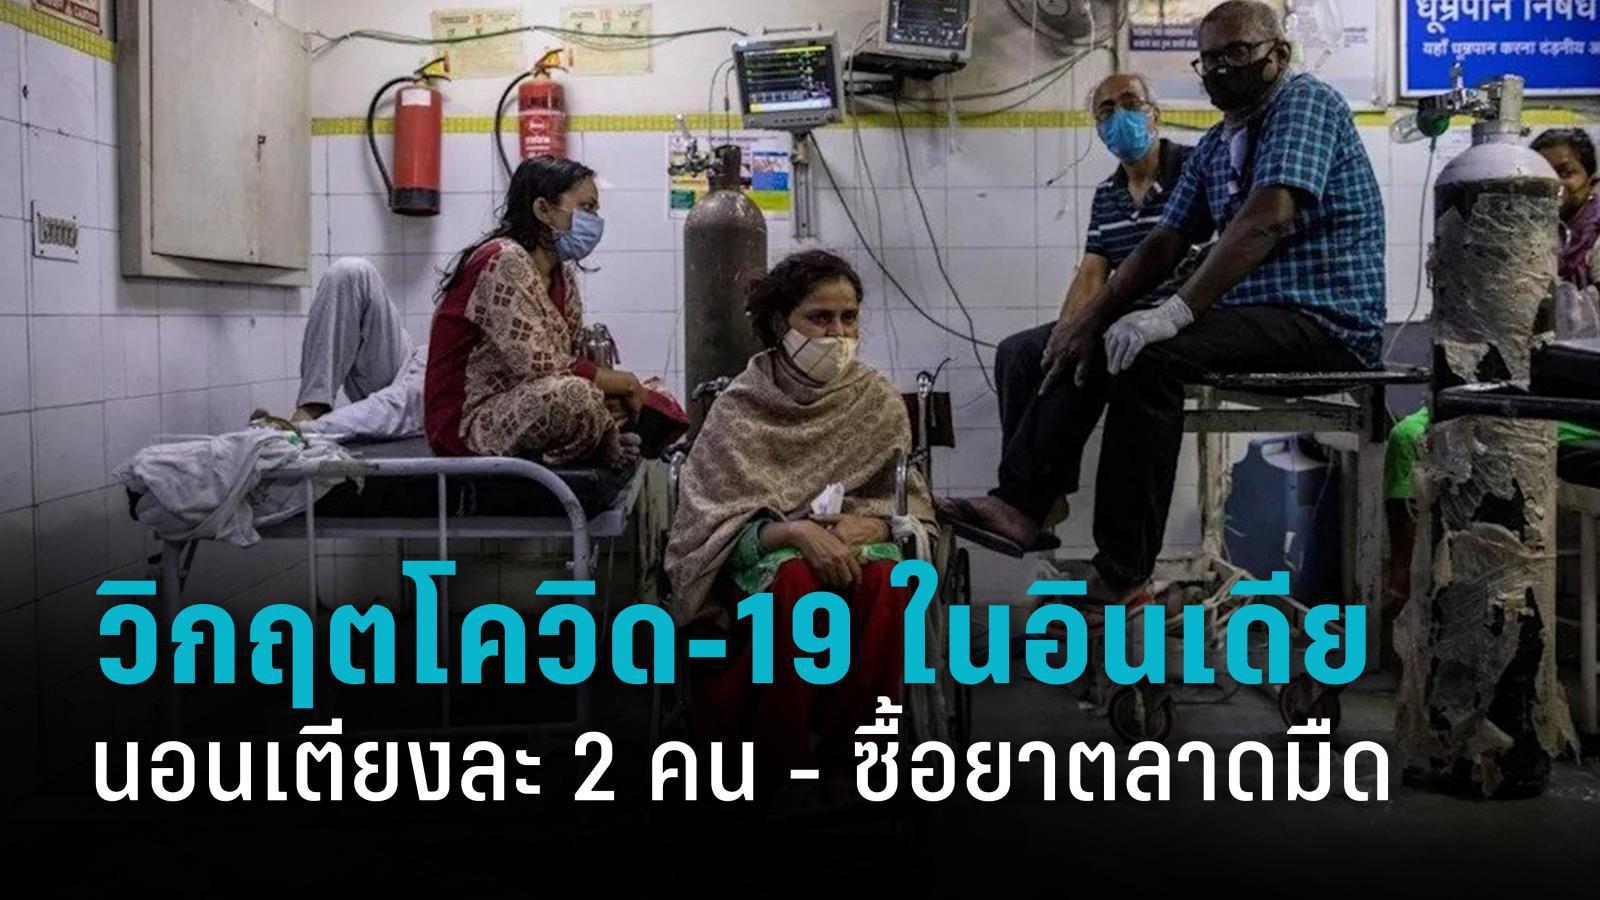 โควิด-19 ในอินเดียวิกฤตหนัก นอนเตียงละ 2 คน-ซื้อยาผ่านตลาดมืด